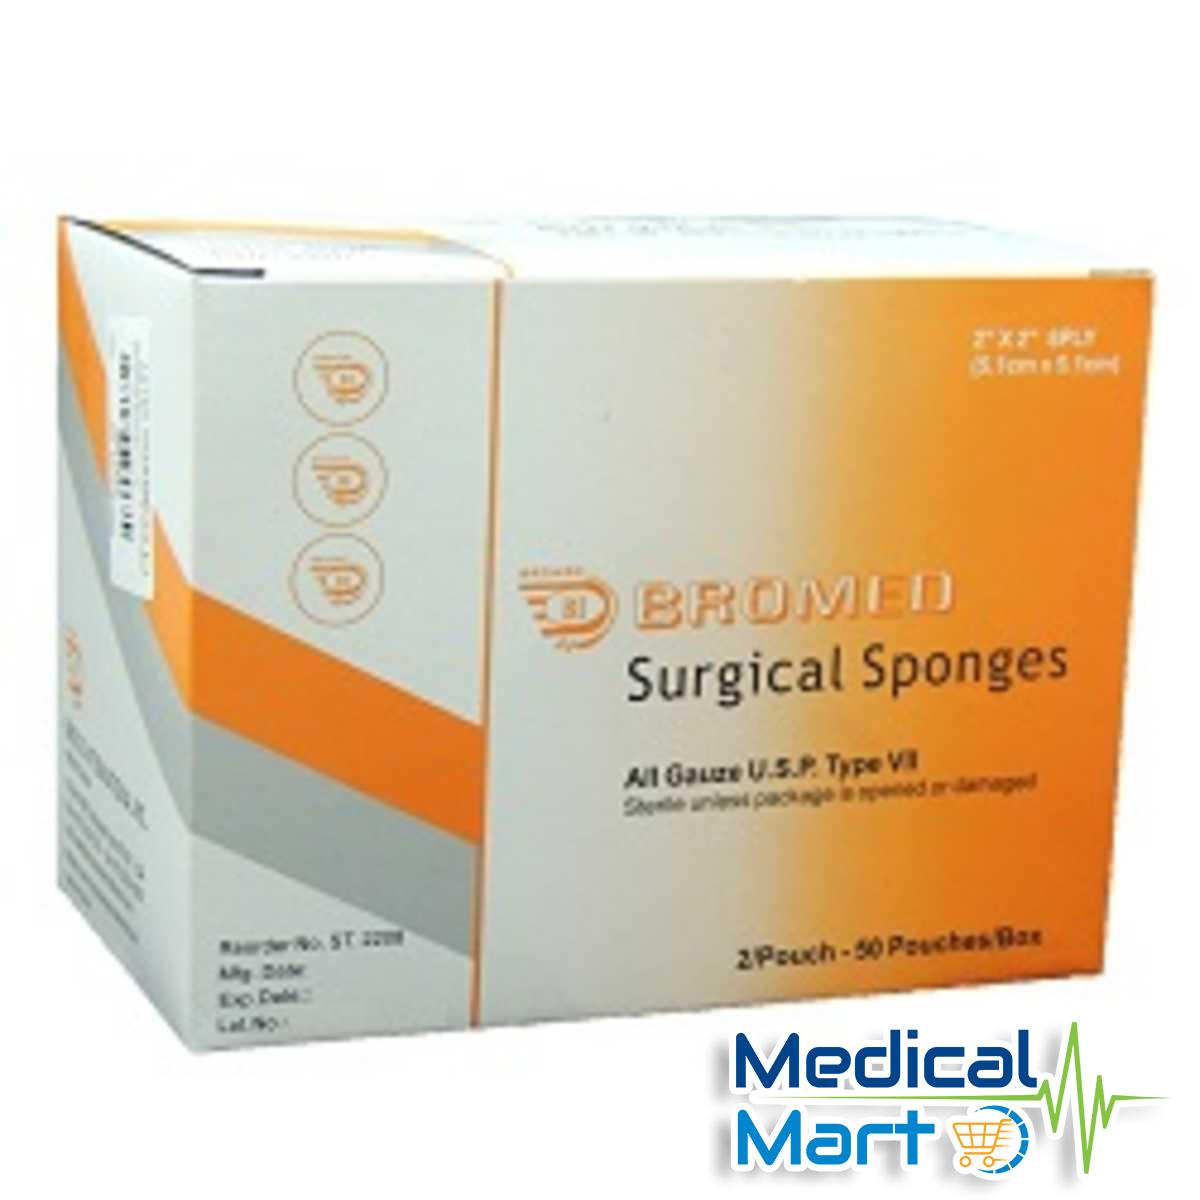 Sterile Surgical Sponges, 10.2cm x 10.2cm - 8ply